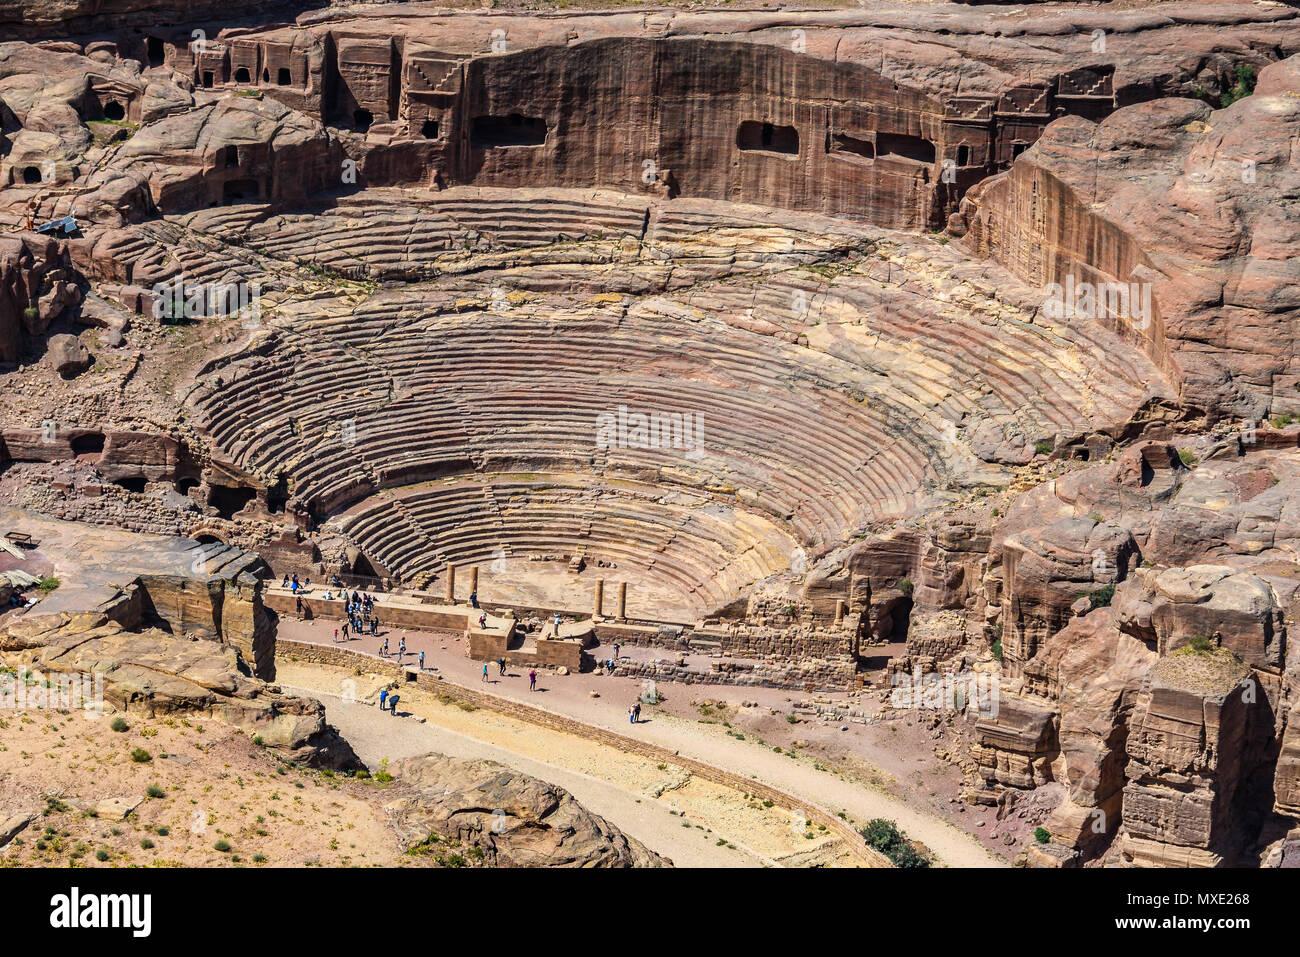 Vue aérienne du théâtre romain à la cité perdue de Petra, Jordanie Photo Stock